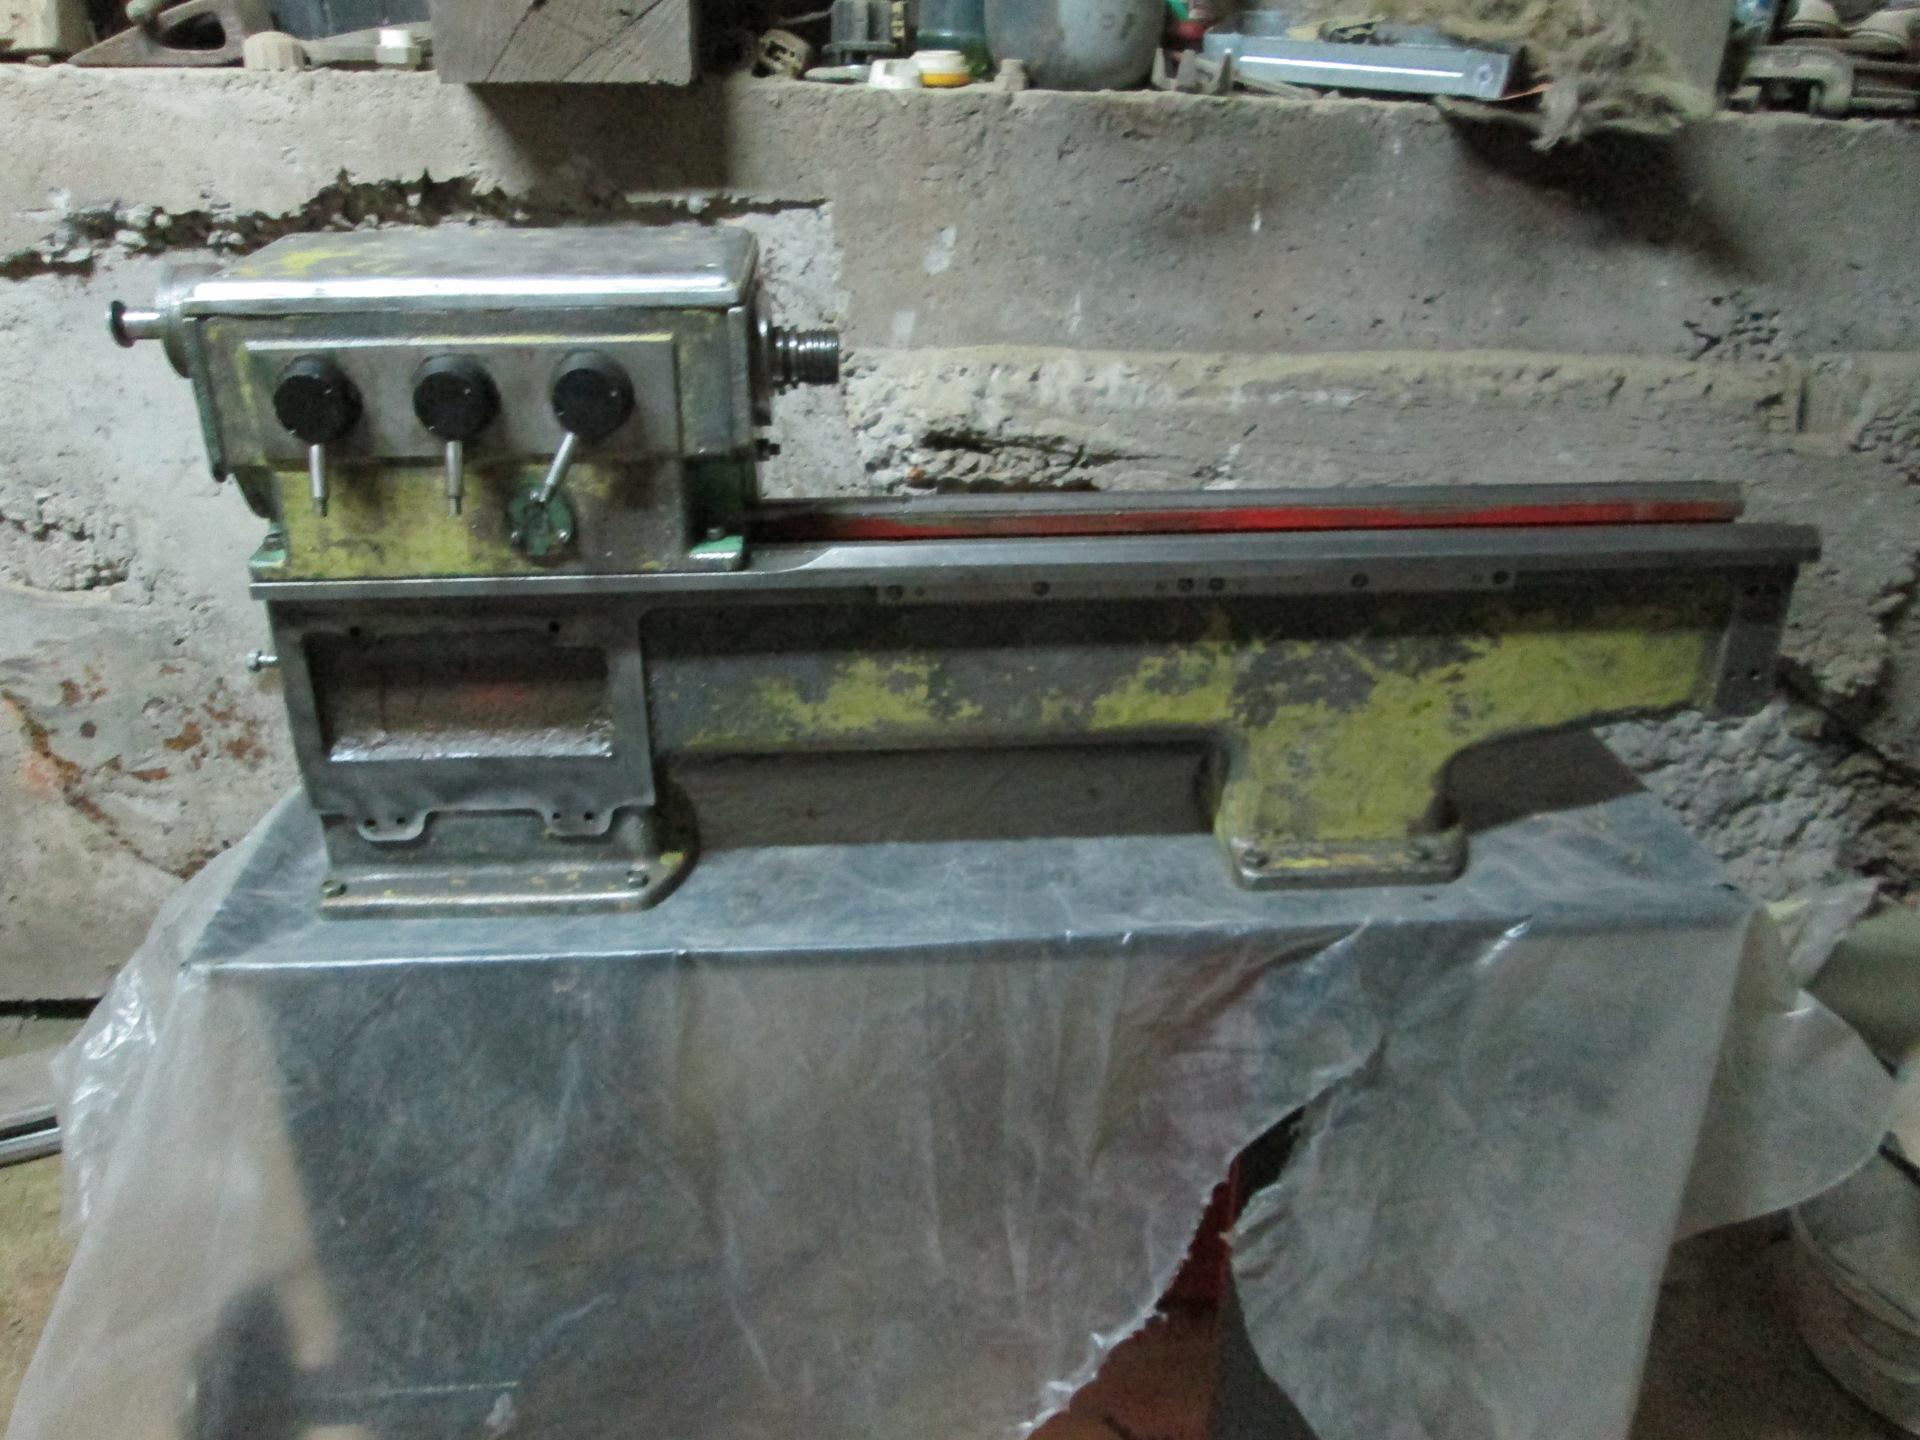 Подробный обзор токарного станка тв-4: особенности работы, габариты, технические характеристики